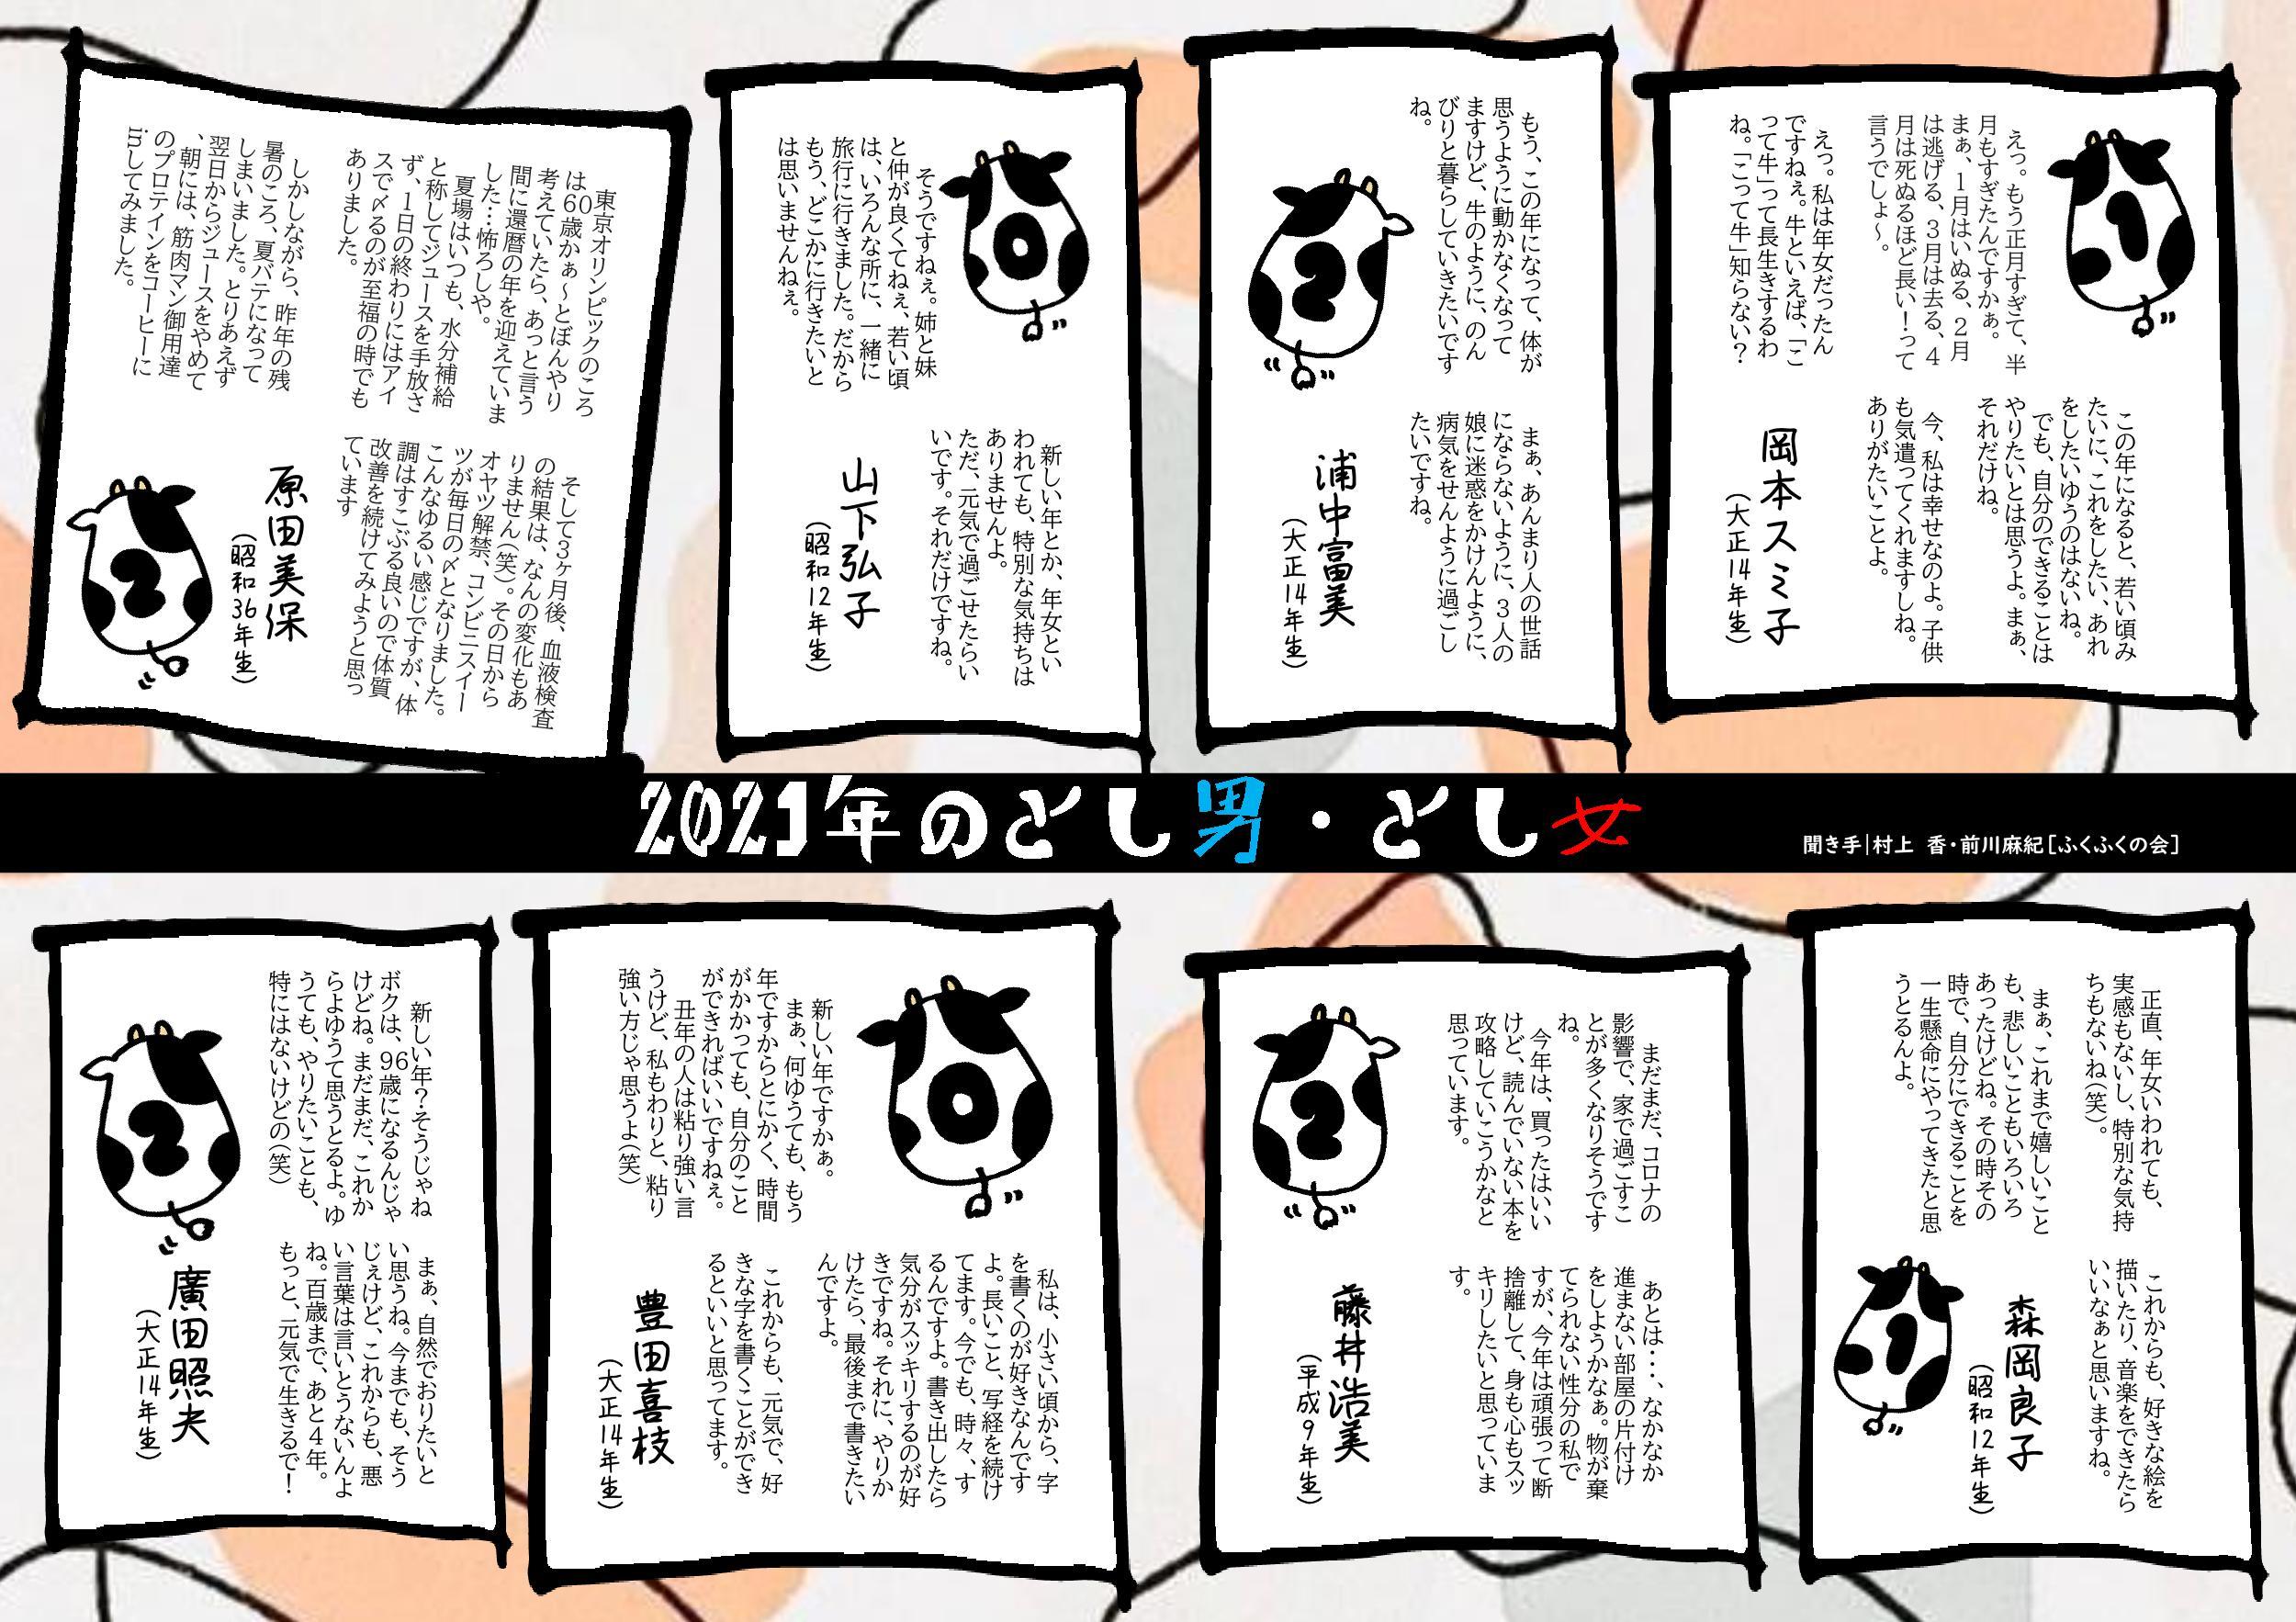 http://fukufukunokai.com/newsletter/images/1%E6%9C%88%E5%8F%B7_cropped_2.jpeg